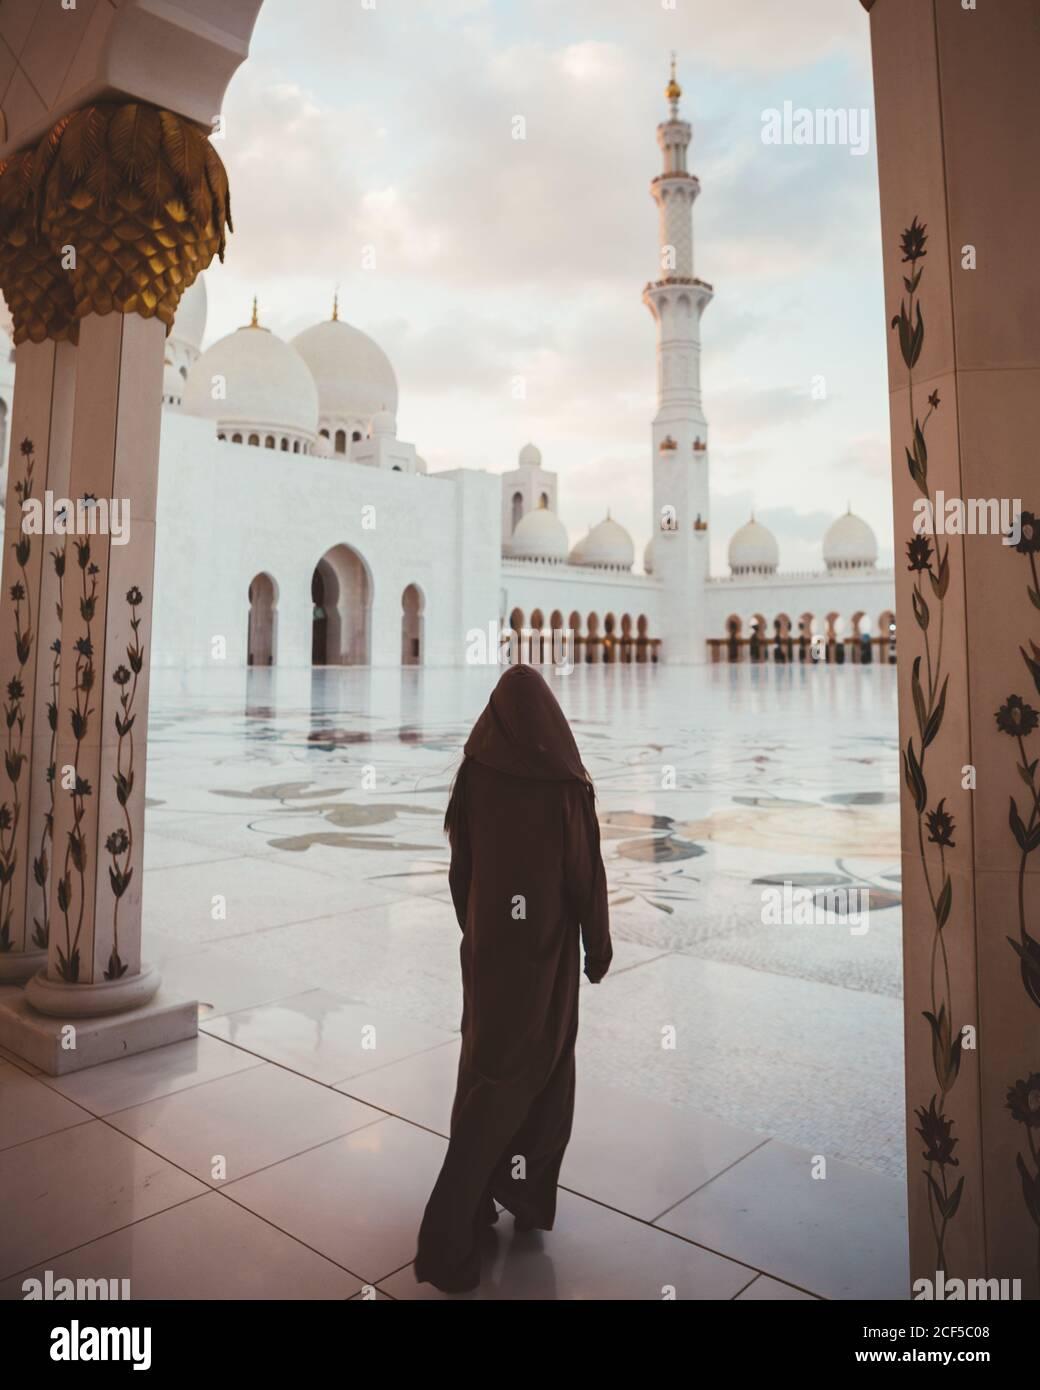 Vue arrière de la femme islamique anonyme en robe noire longue marchant sur la place carrelée de la majestueuse mosquée blanche, Dubaï Banque D'Images